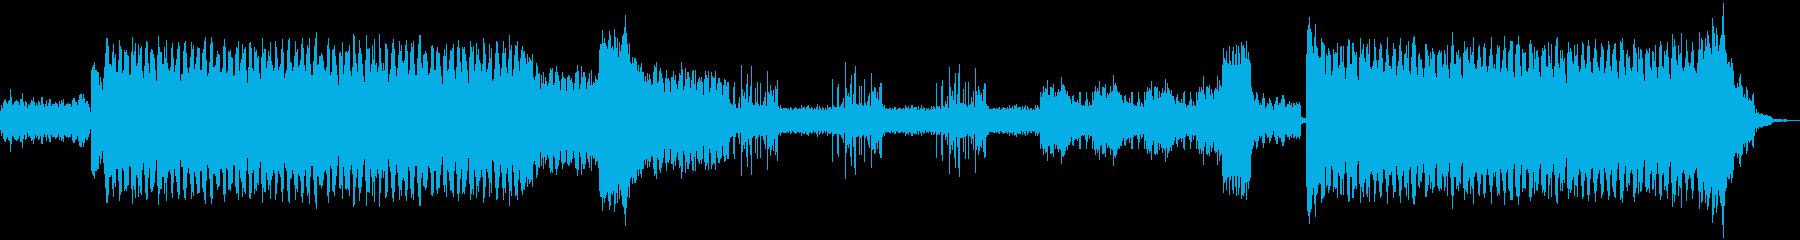 ノリの良いダンスミュージックの再生済みの波形